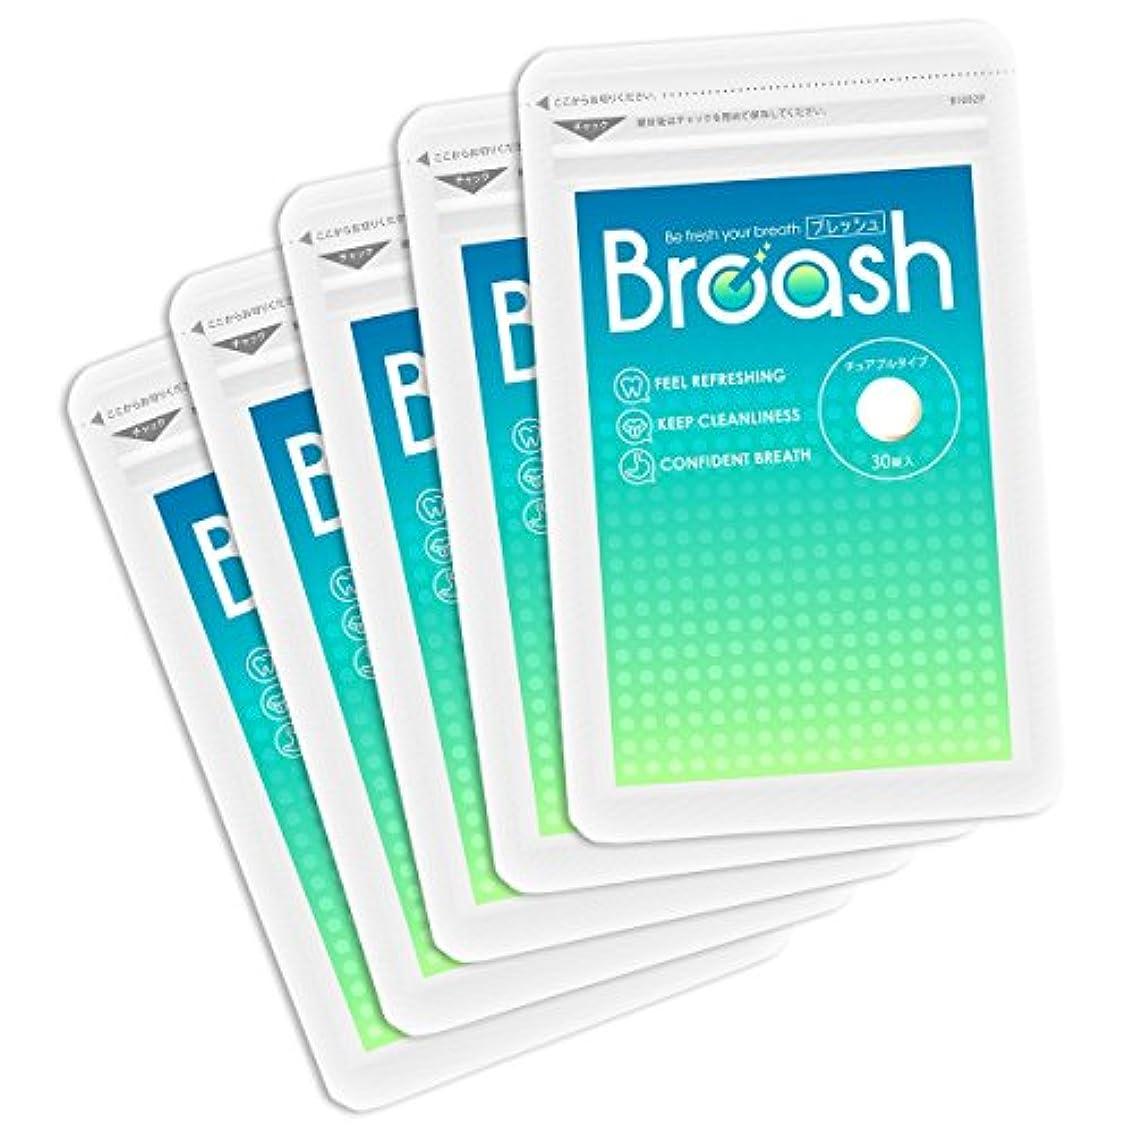 満了サーキュレーション警官Breash(ブレッシュ) 口臭 サプリ タブレット チュアブルタイプ (30粒入り) 5袋セット